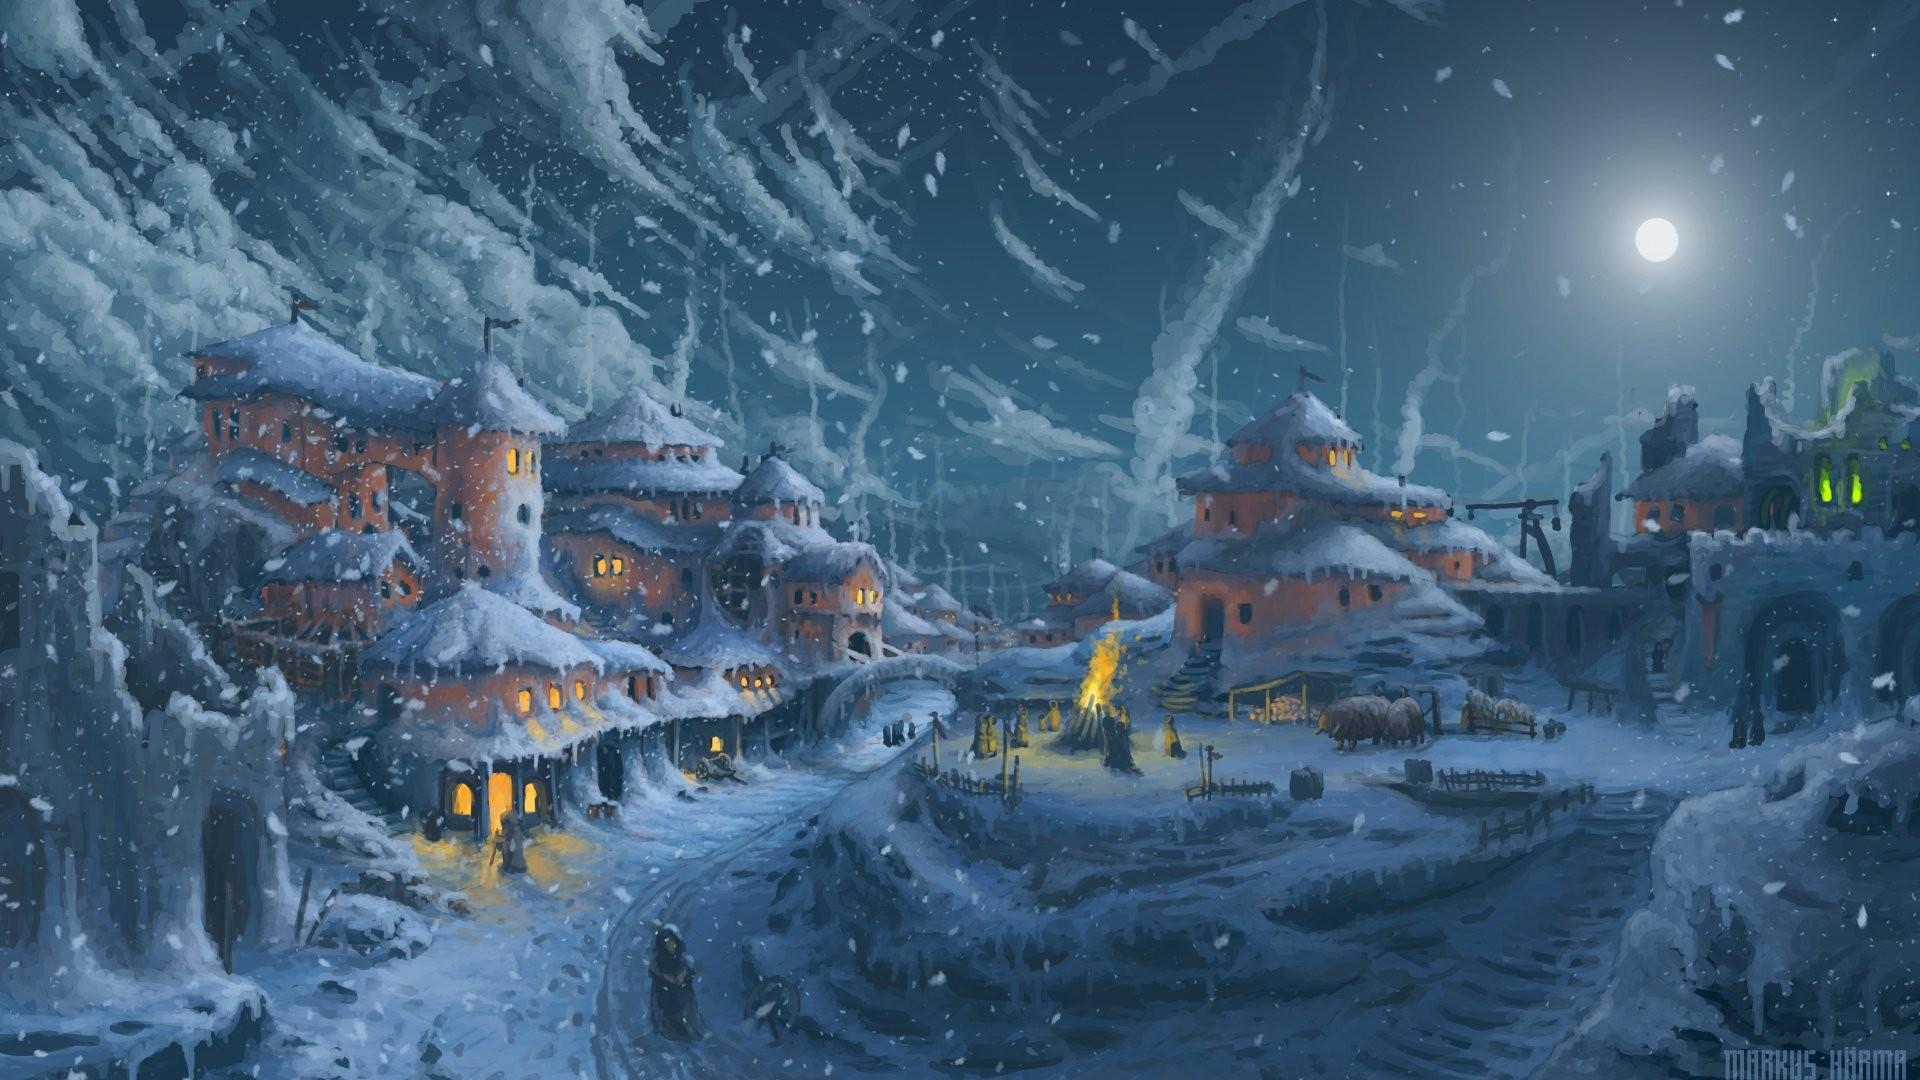 デスクトップ壁紙 : ライト, ペインティング, デジタルアート, ファンタジーアート, 夜, 建築, 建物, 雪 ...